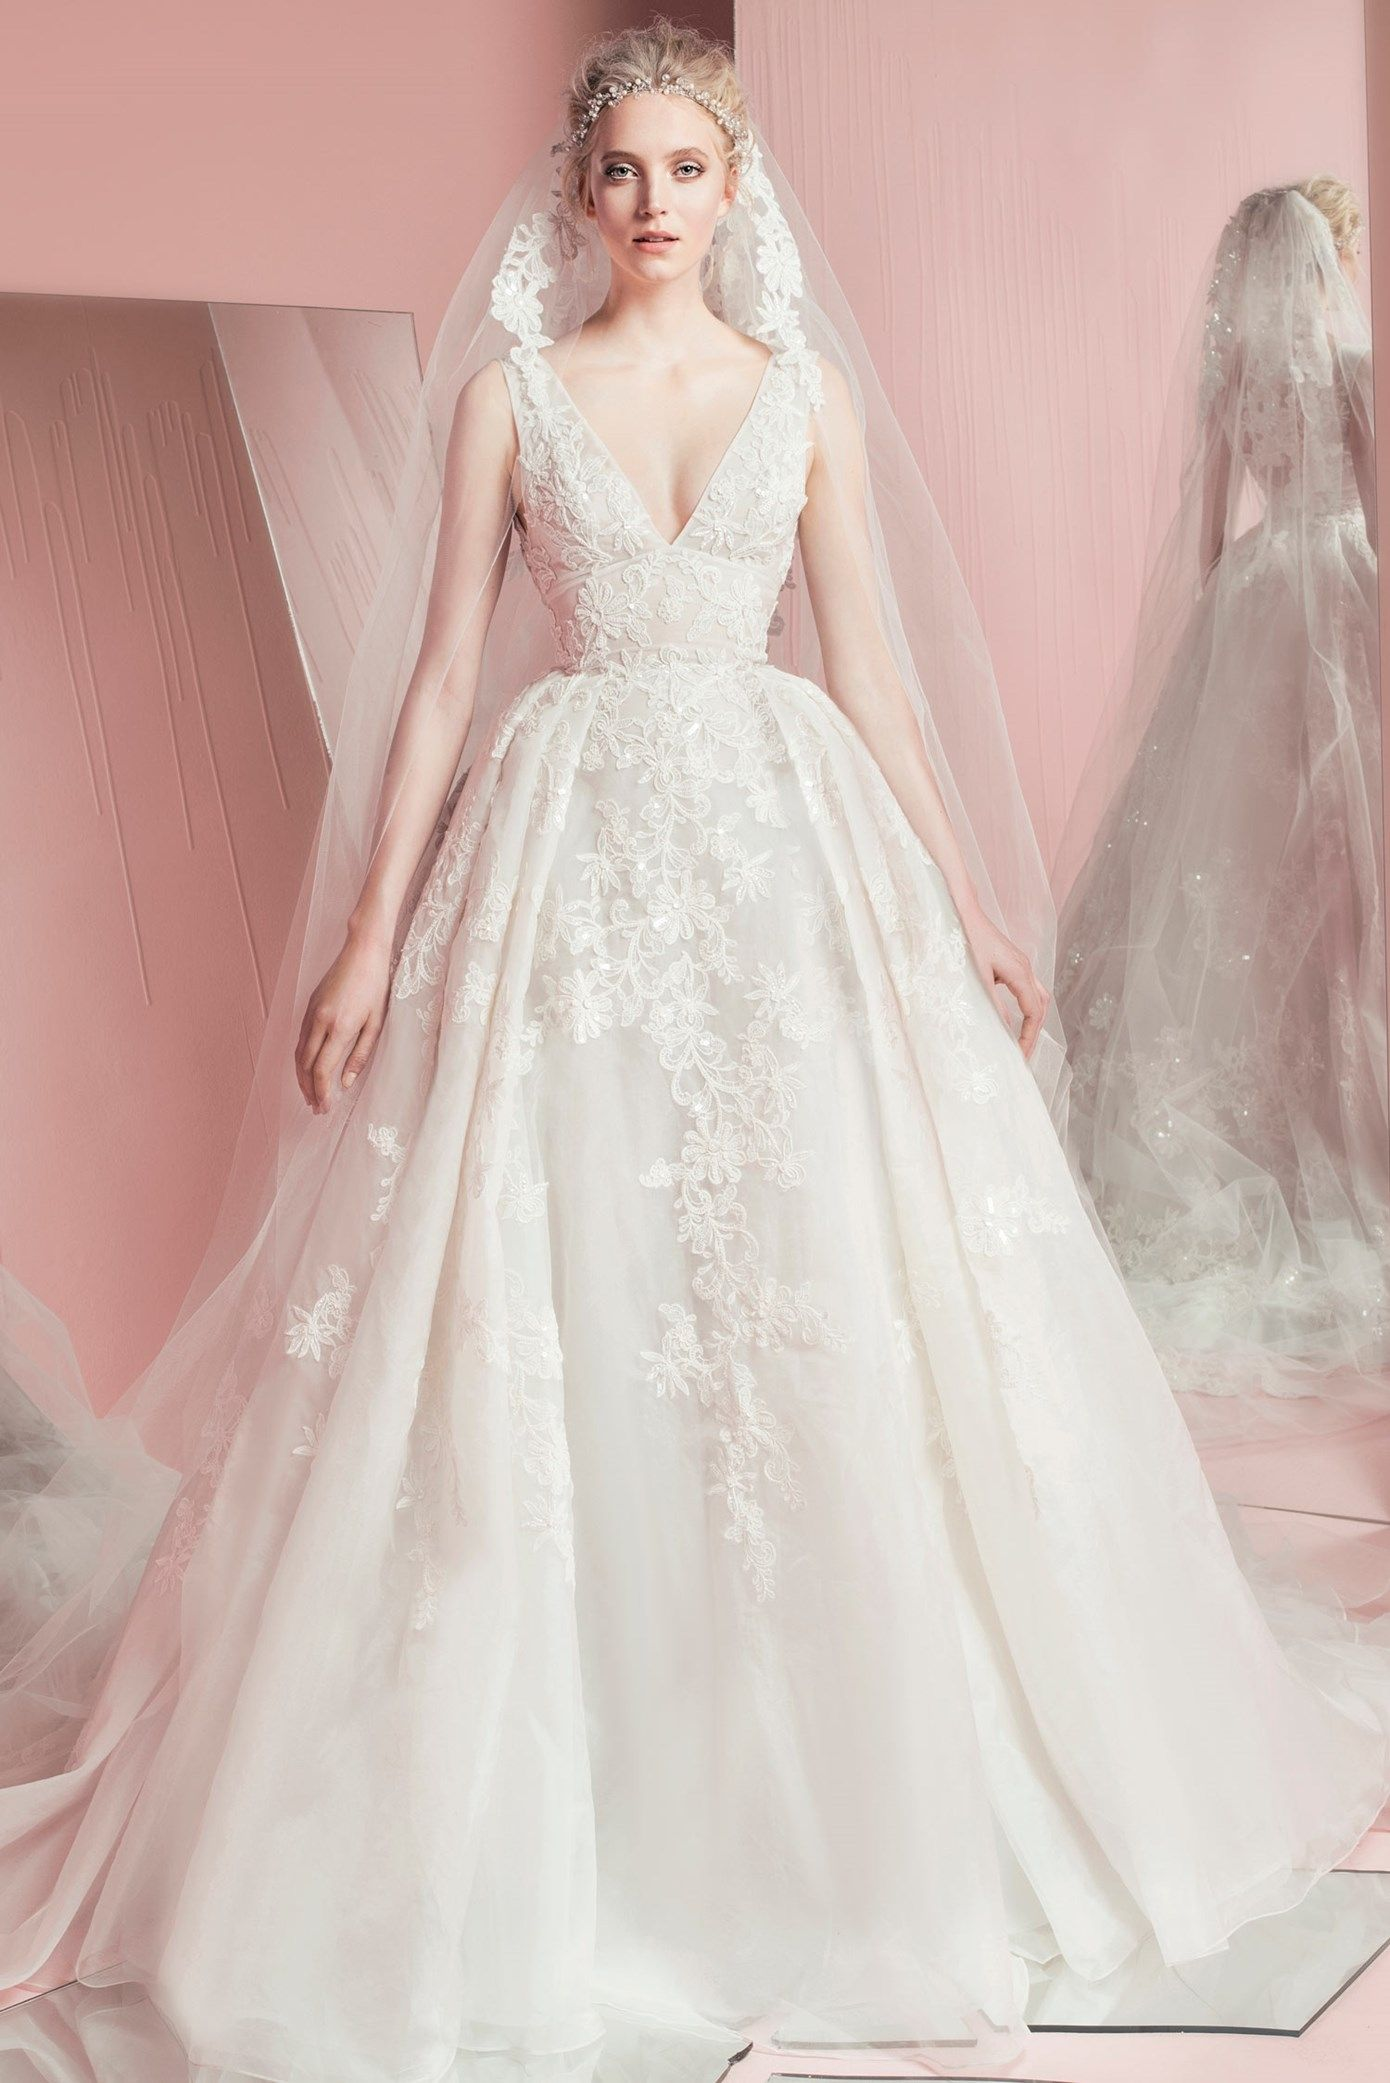 Vestido de noiva de zuhair murad zm perina coleção zm spring